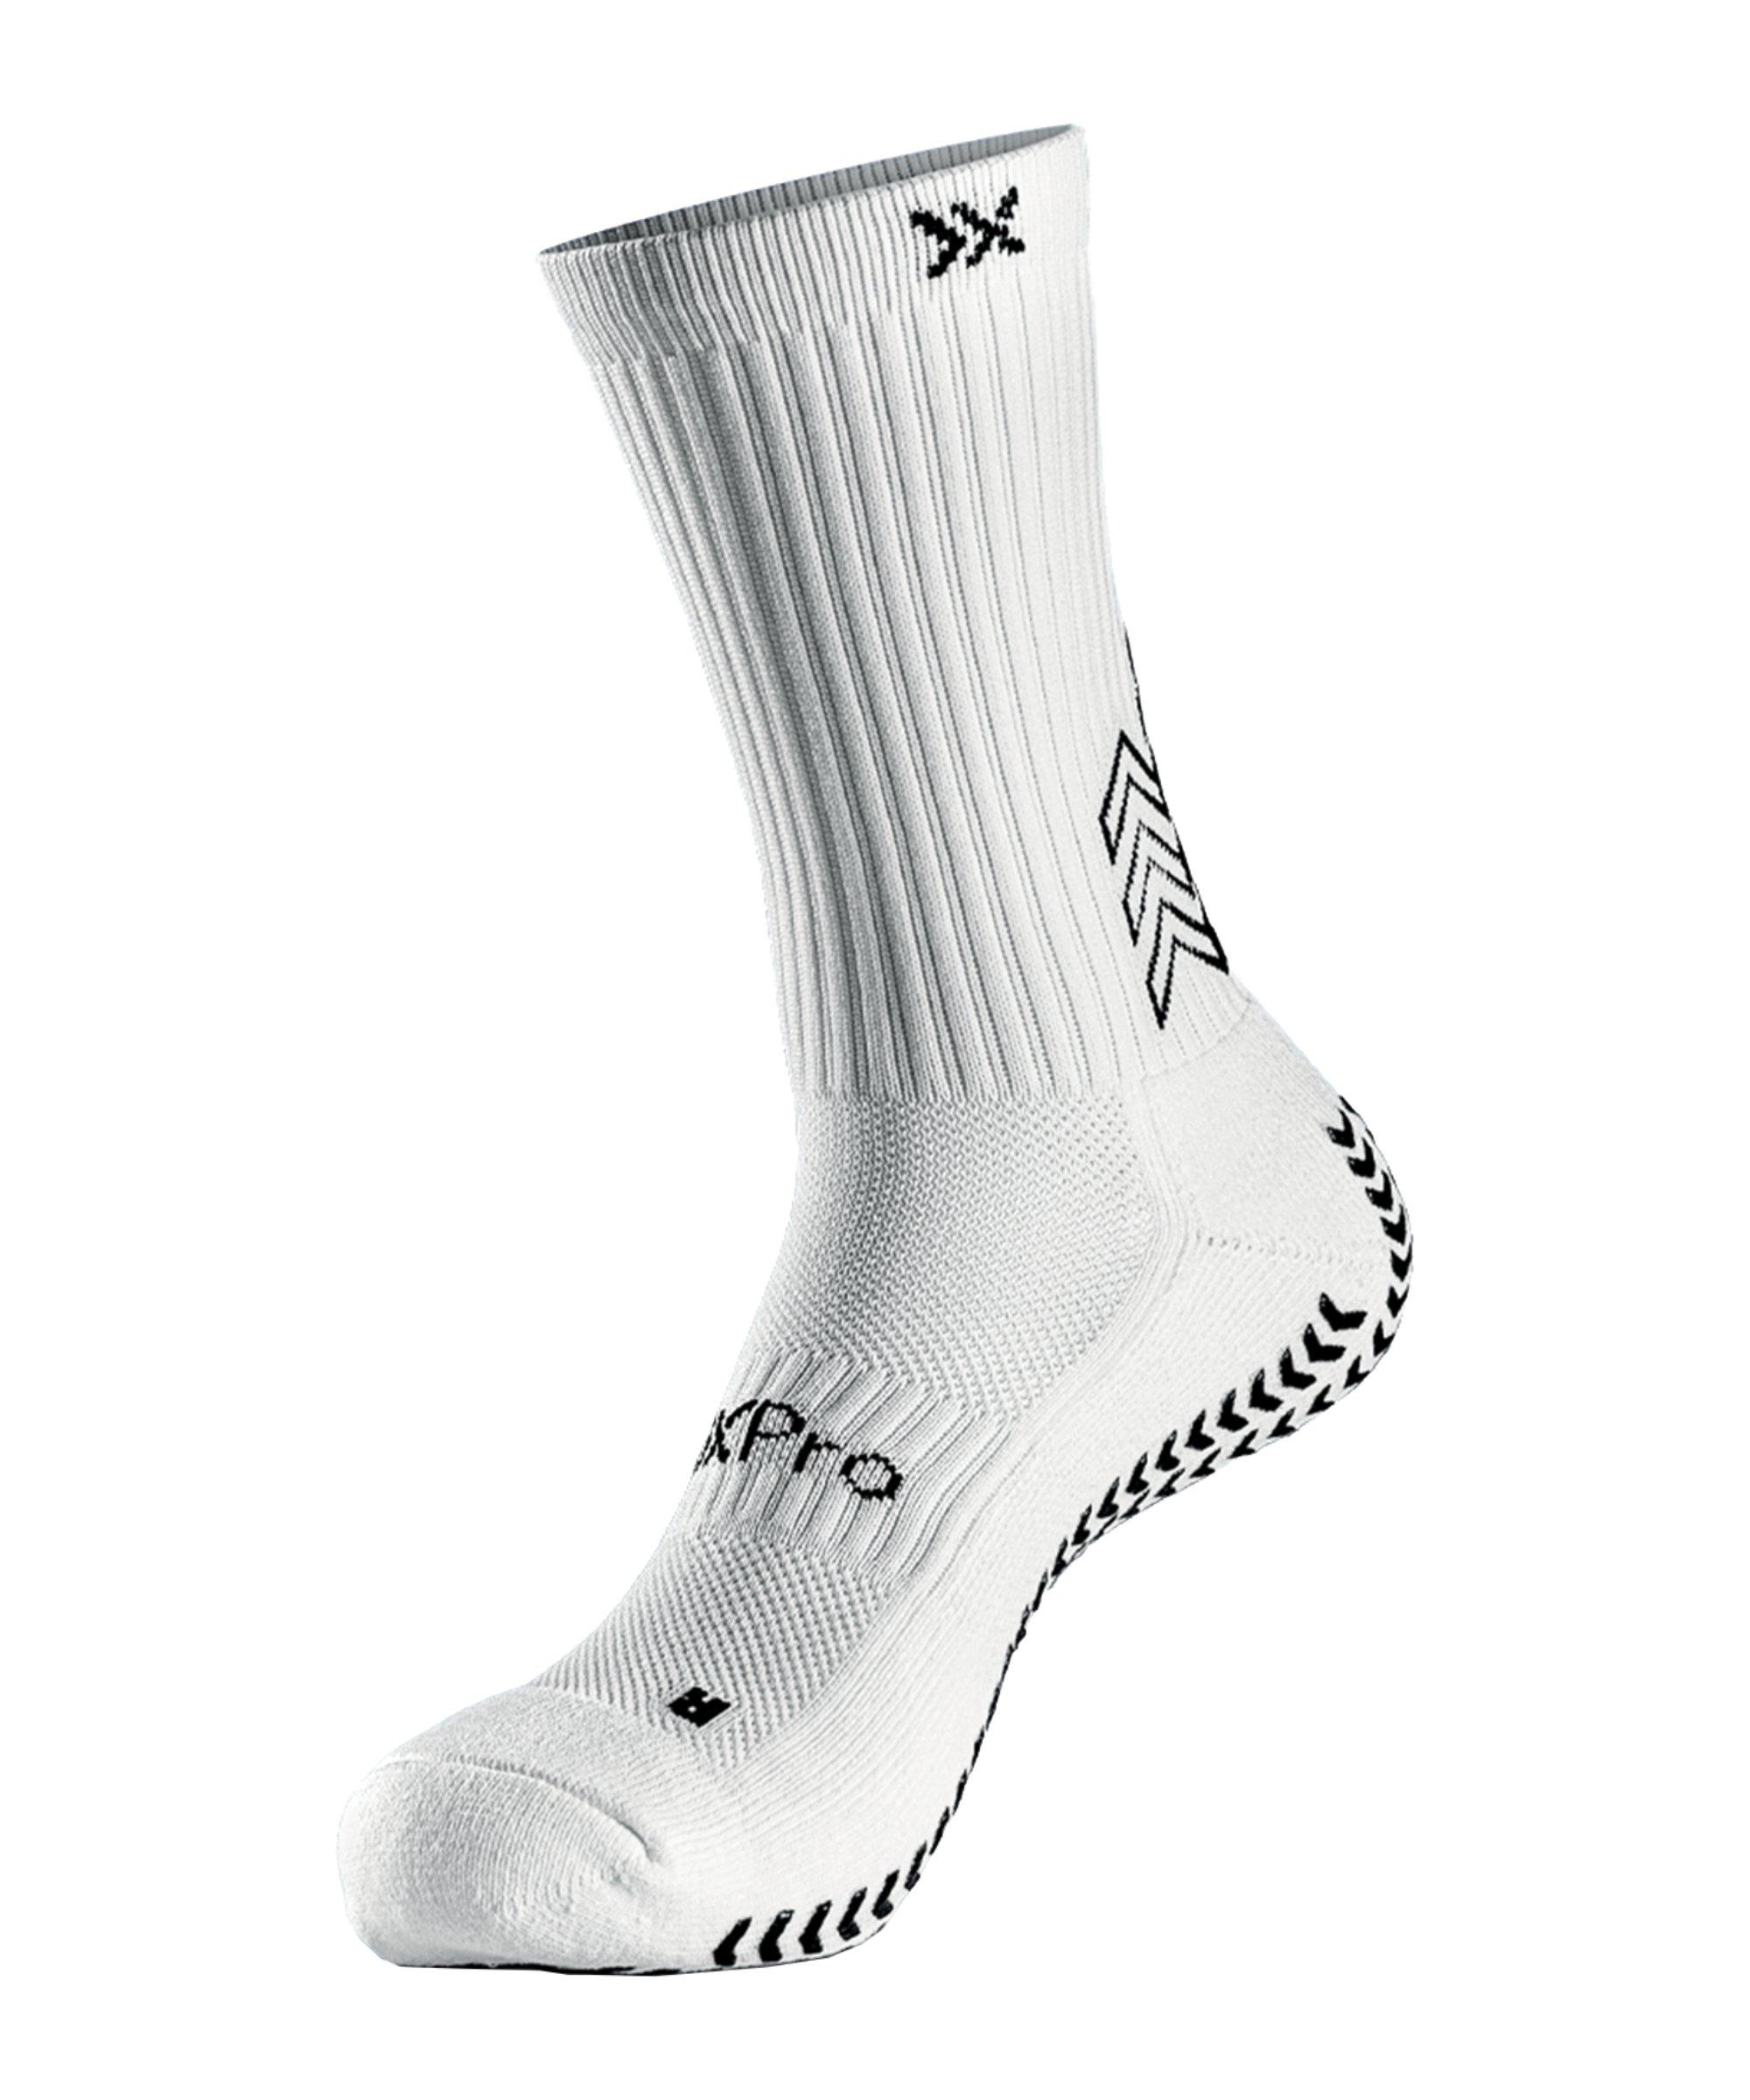 GearXPro Classics Socken Weiss - weiss